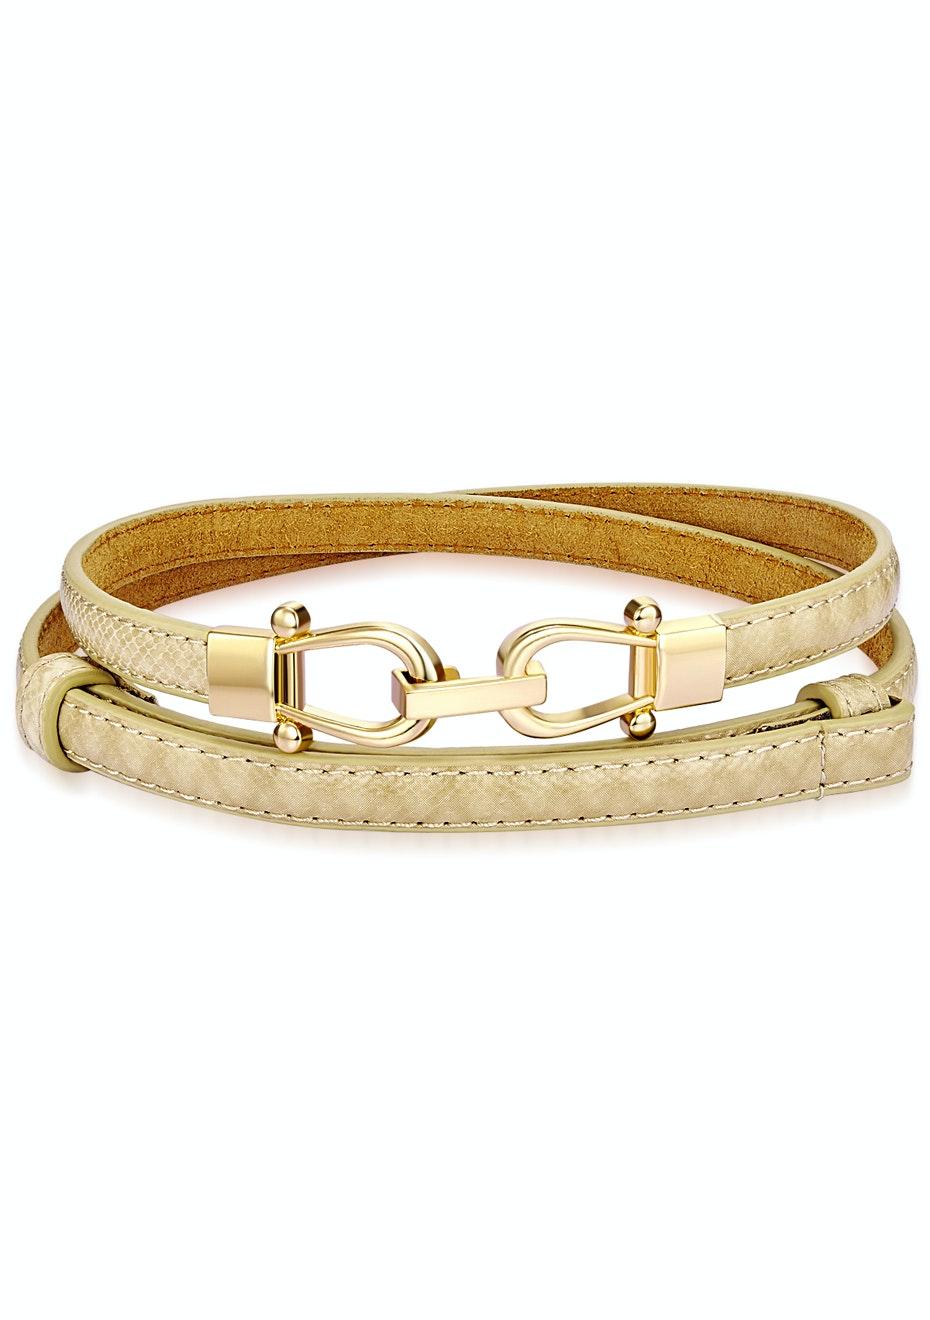 Genuine Cow Leather Skinny Waist Belt-Elizabeth creamy white